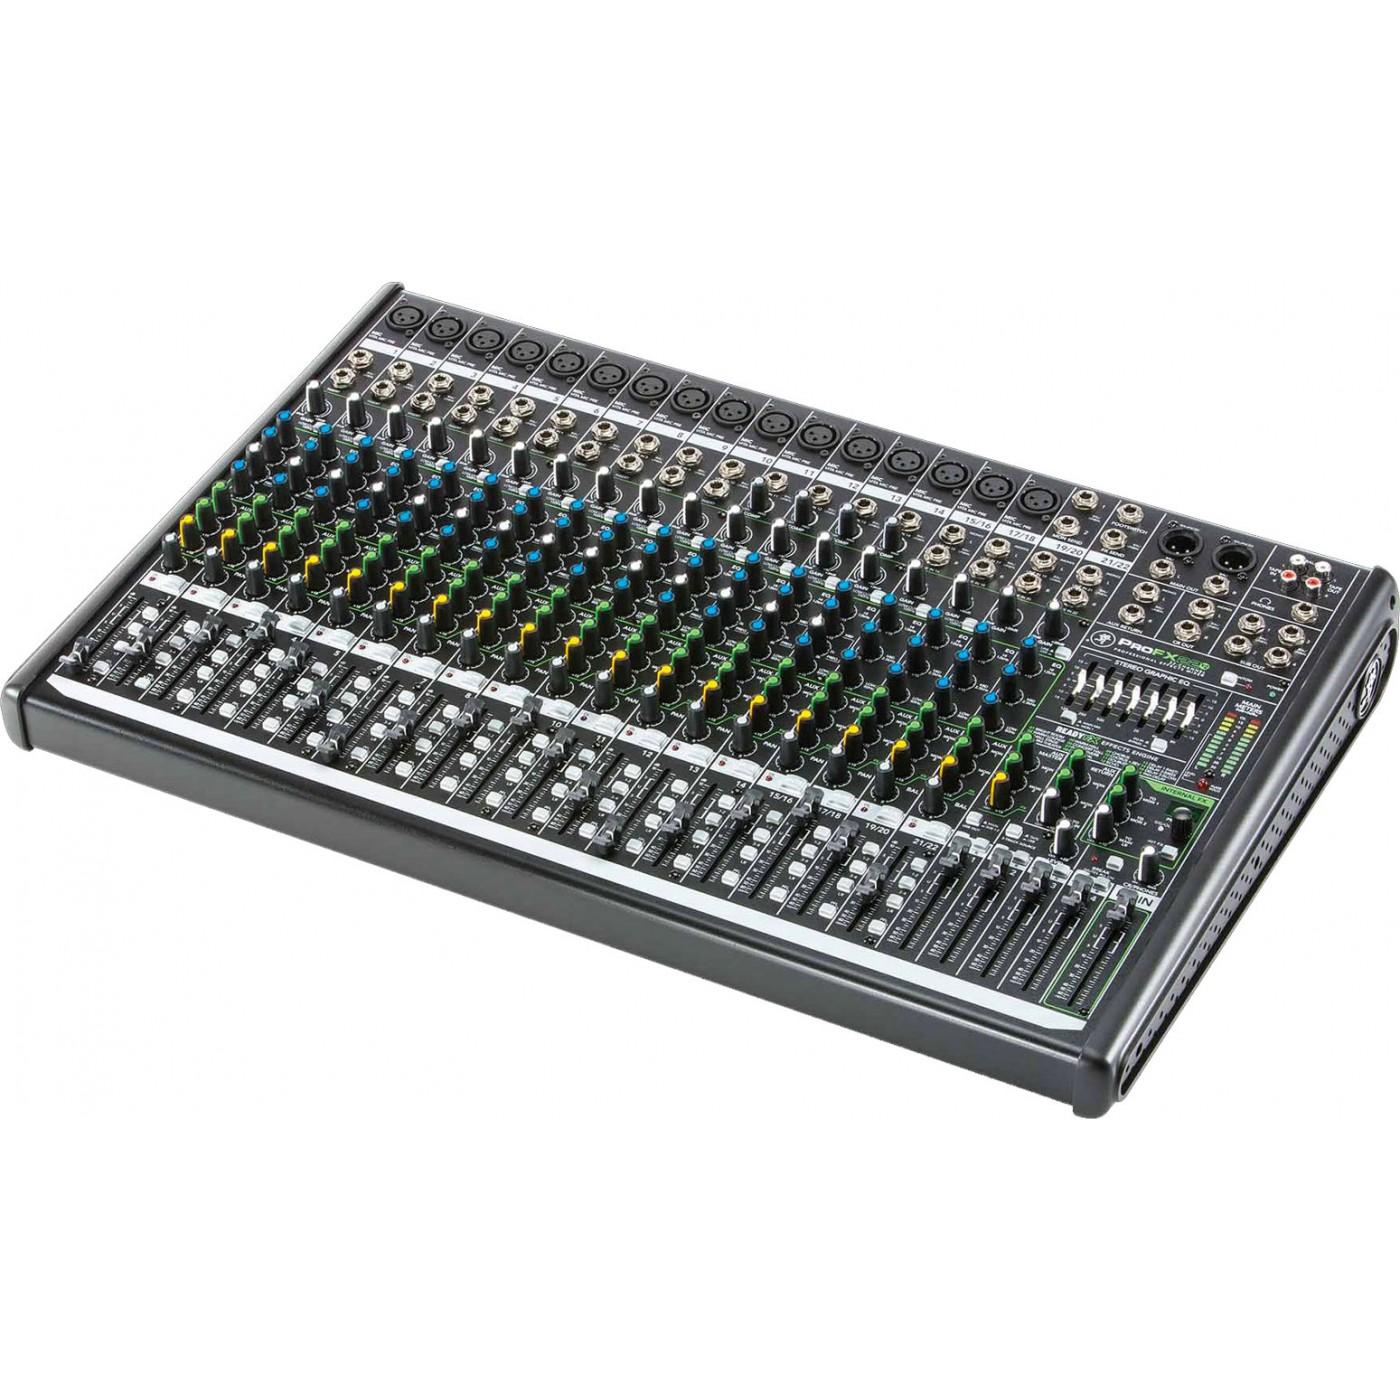 Mackie PROFX22v2 | Rage Audio